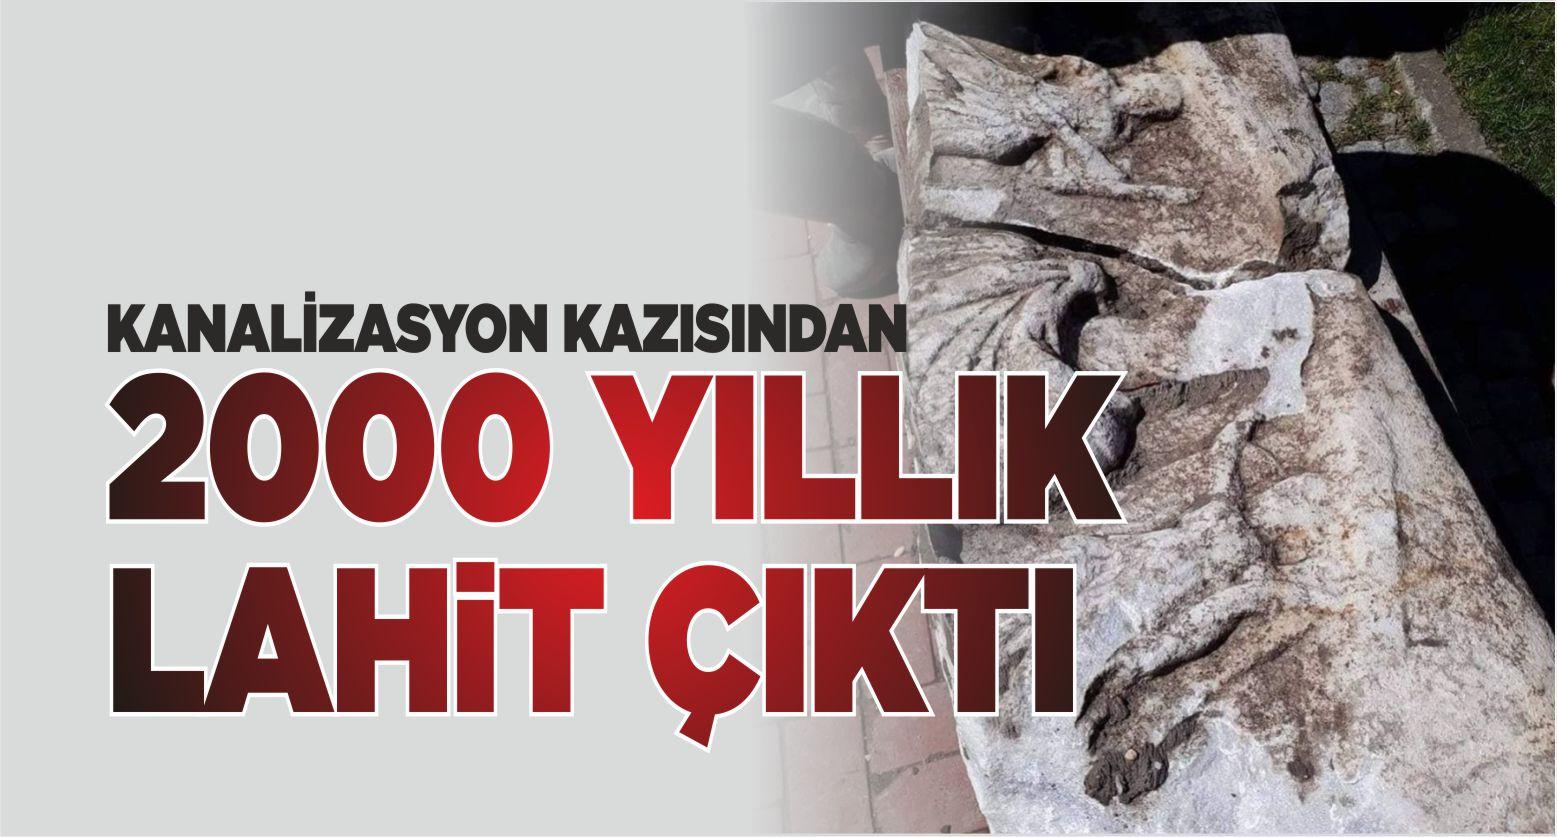 KANALİZASYON KAZISINDAN 2000 YILLIK LAHİT ÇIKTI